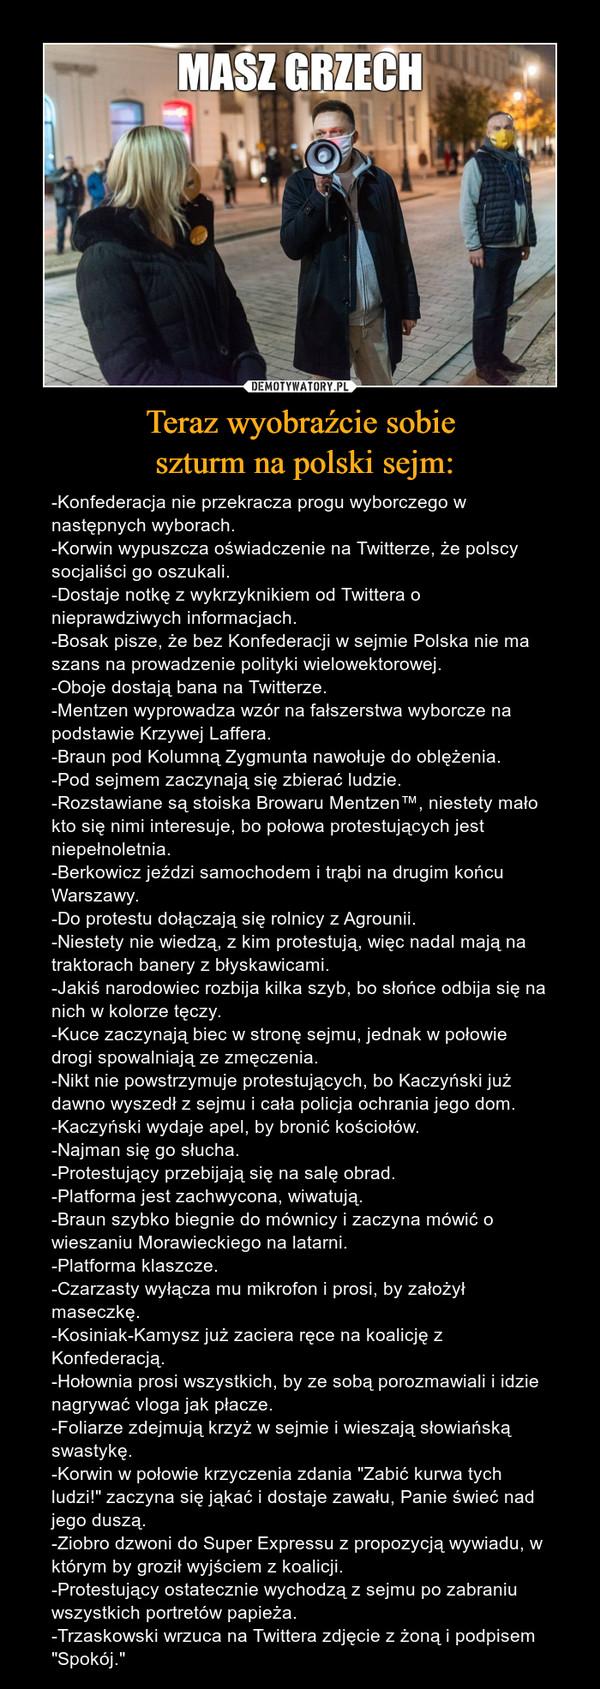 """Teraz wyobraźcie sobie szturm na polski sejm: – -Konfederacja nie przekracza progu wyborczego w następnych wyborach.-Korwin wypuszcza oświadczenie na Twitterze, że polscy socjaliści go oszukali.-Dostaje notkę z wykrzyknikiem od Twittera o nieprawdziwych informacjach.-Bosak pisze, że bez Konfederacji w sejmie Polska nie ma szans na prowadzenie polityki wielowektorowej.-Oboje dostają bana na Twitterze.-Mentzen wyprowadza wzór na fałszerstwa wyborcze na podstawie Krzywej Laffera.-Braun pod Kolumną Zygmunta nawołuje do oblężenia.-Pod sejmem zaczynają się zbierać ludzie.-Rozstawiane są stoiska Browaru Mentzen™, niestety mało kto się nimi interesuje, bo połowa protestujących jest niepełnoletnia.-Berkowicz jeździ samochodem i trąbi na drugim końcu Warszawy.-Do protestu dołączają się rolnicy z Agrounii.-Niestety nie wiedzą, z kim protestują, więc nadal mają na traktorach banery z błyskawicami.-Jakiś narodowiec rozbija kilka szyb, bo słońce odbija się na nich w kolorze tęczy.-Kuce zaczynają biec w stronę sejmu, jednak w połowie drogi spowalniają ze zmęczenia.-Nikt nie powstrzymuje protestujących, bo Kaczyński już dawno wyszedł z sejmu i cała policja ochrania jego dom.-Kaczyński wydaje apel, by bronić kościołów.-Najman się go słucha.-Protestujący przebijają się na salę obrad.-Platforma jest zachwycona, wiwatują.-Braun szybko biegnie do mównicy i zaczyna mówić o wieszaniu Morawieckiego na latarni.-Platforma klaszcze.-Czarzasty wyłącza mu mikrofon i prosi, by założył maseczkę.-Kosiniak-Kamysz już zaciera ręce na koalicję z Konfederacją.-Hołownia prosi wszystkich, by ze sobą porozmawiali i idzie nagrywać vloga jak płacze.-Foliarze zdejmują krzyż w sejmie i wieszają słowiańską swastykę.-Korwin w połowie krzyczenia zdania """"Zabić kurwa tych ludzi!"""" zaczyna się jąkać i dostaje zawału, Panie świeć nad jego duszą.-Ziobro dzwoni do Super Expressu z propozycją wywiadu, w którym by groził wyjściem z koalicji.-Protestujący ostatecznie wychodzą z sejmu po zabraniu wszystkich portretów papi"""